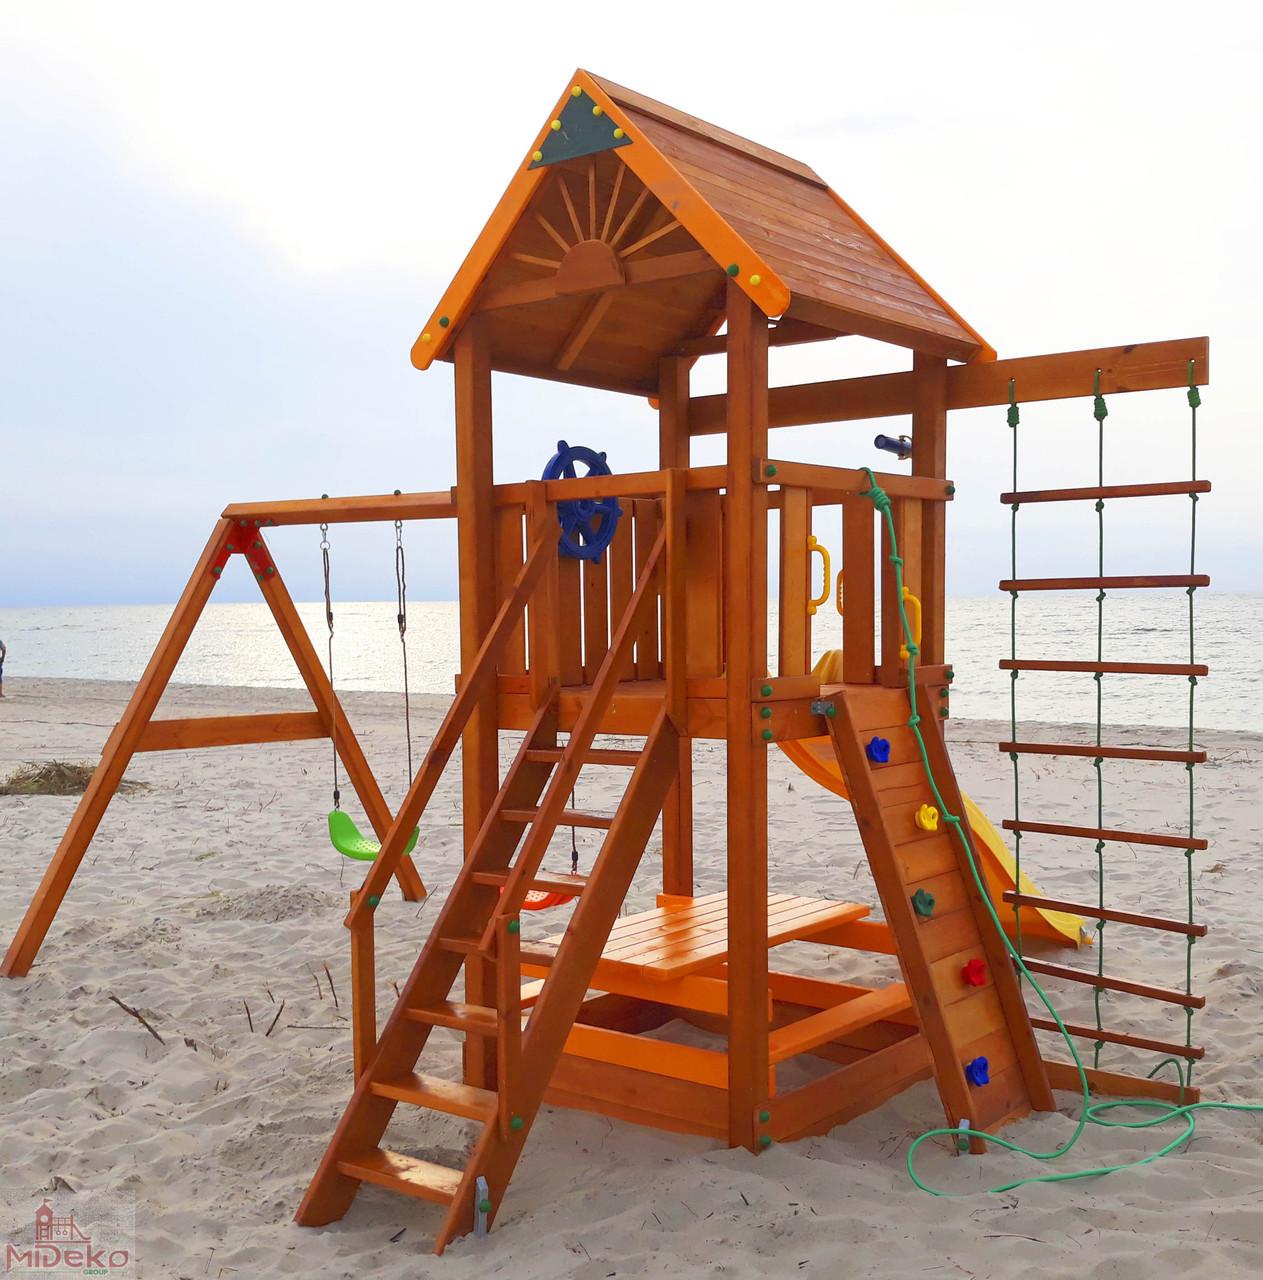 Дитячий майданчик Spielplatz Томас з подвійною гойдалкою, лазом, столик з лавками і канатної драбинкою